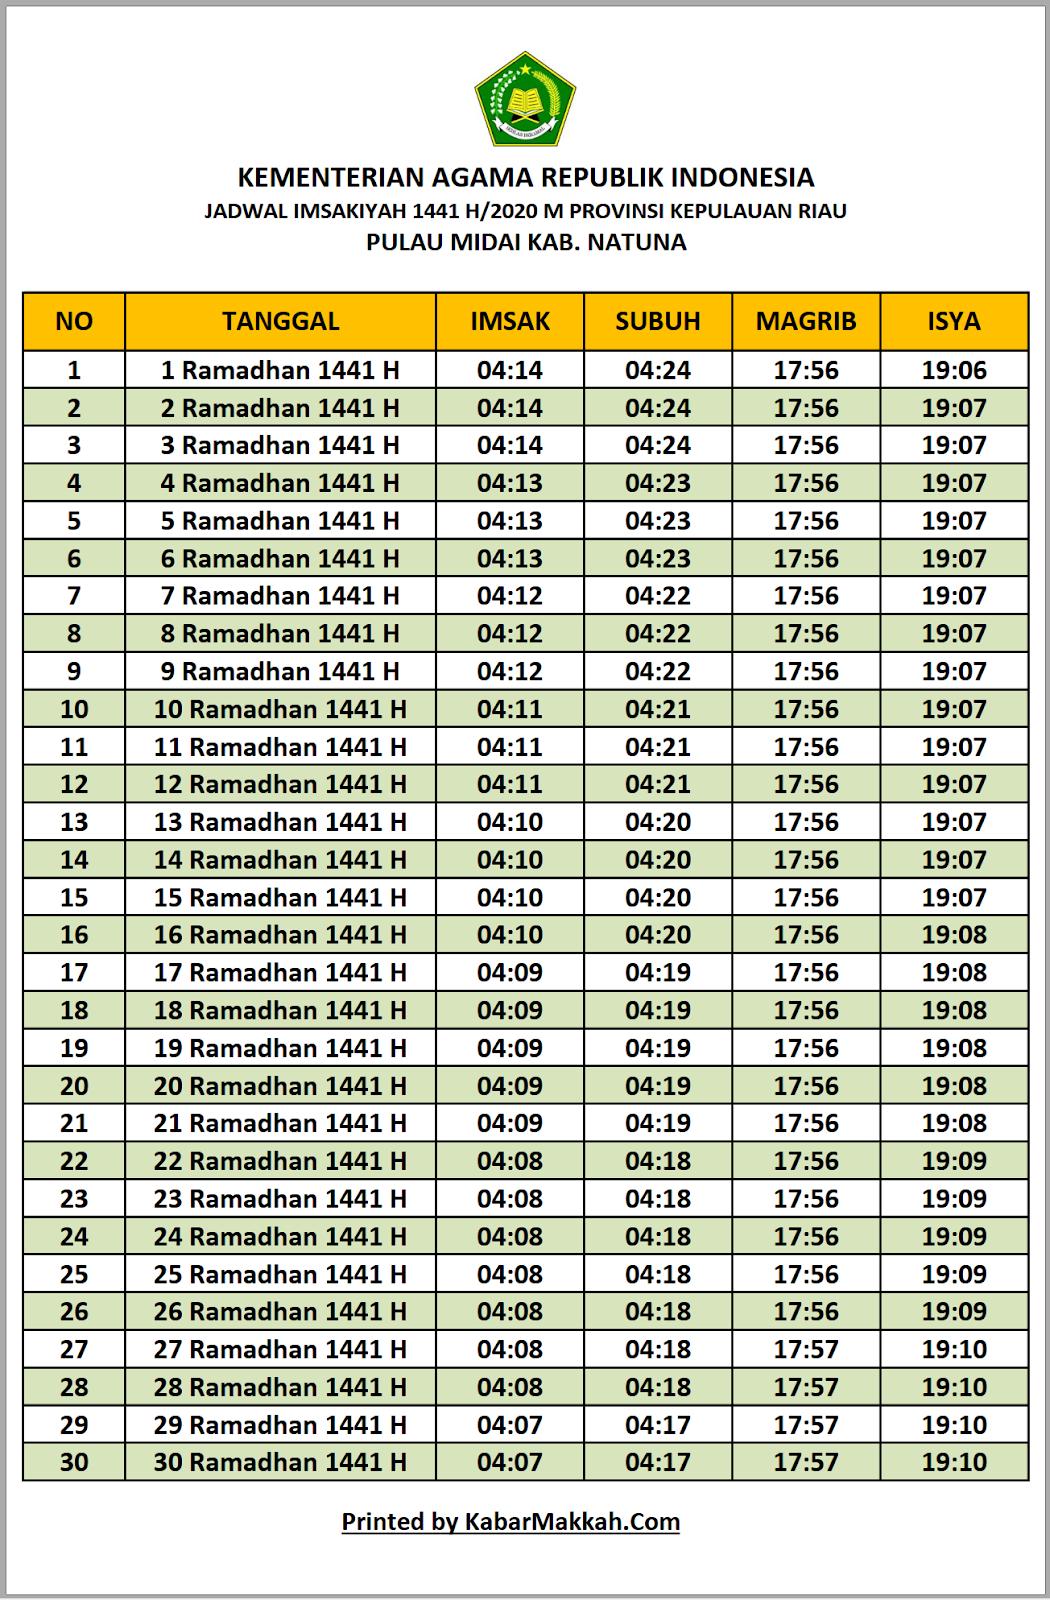 Jadwal Imsakiyah Pulau Midai Kab. Natuna 2020